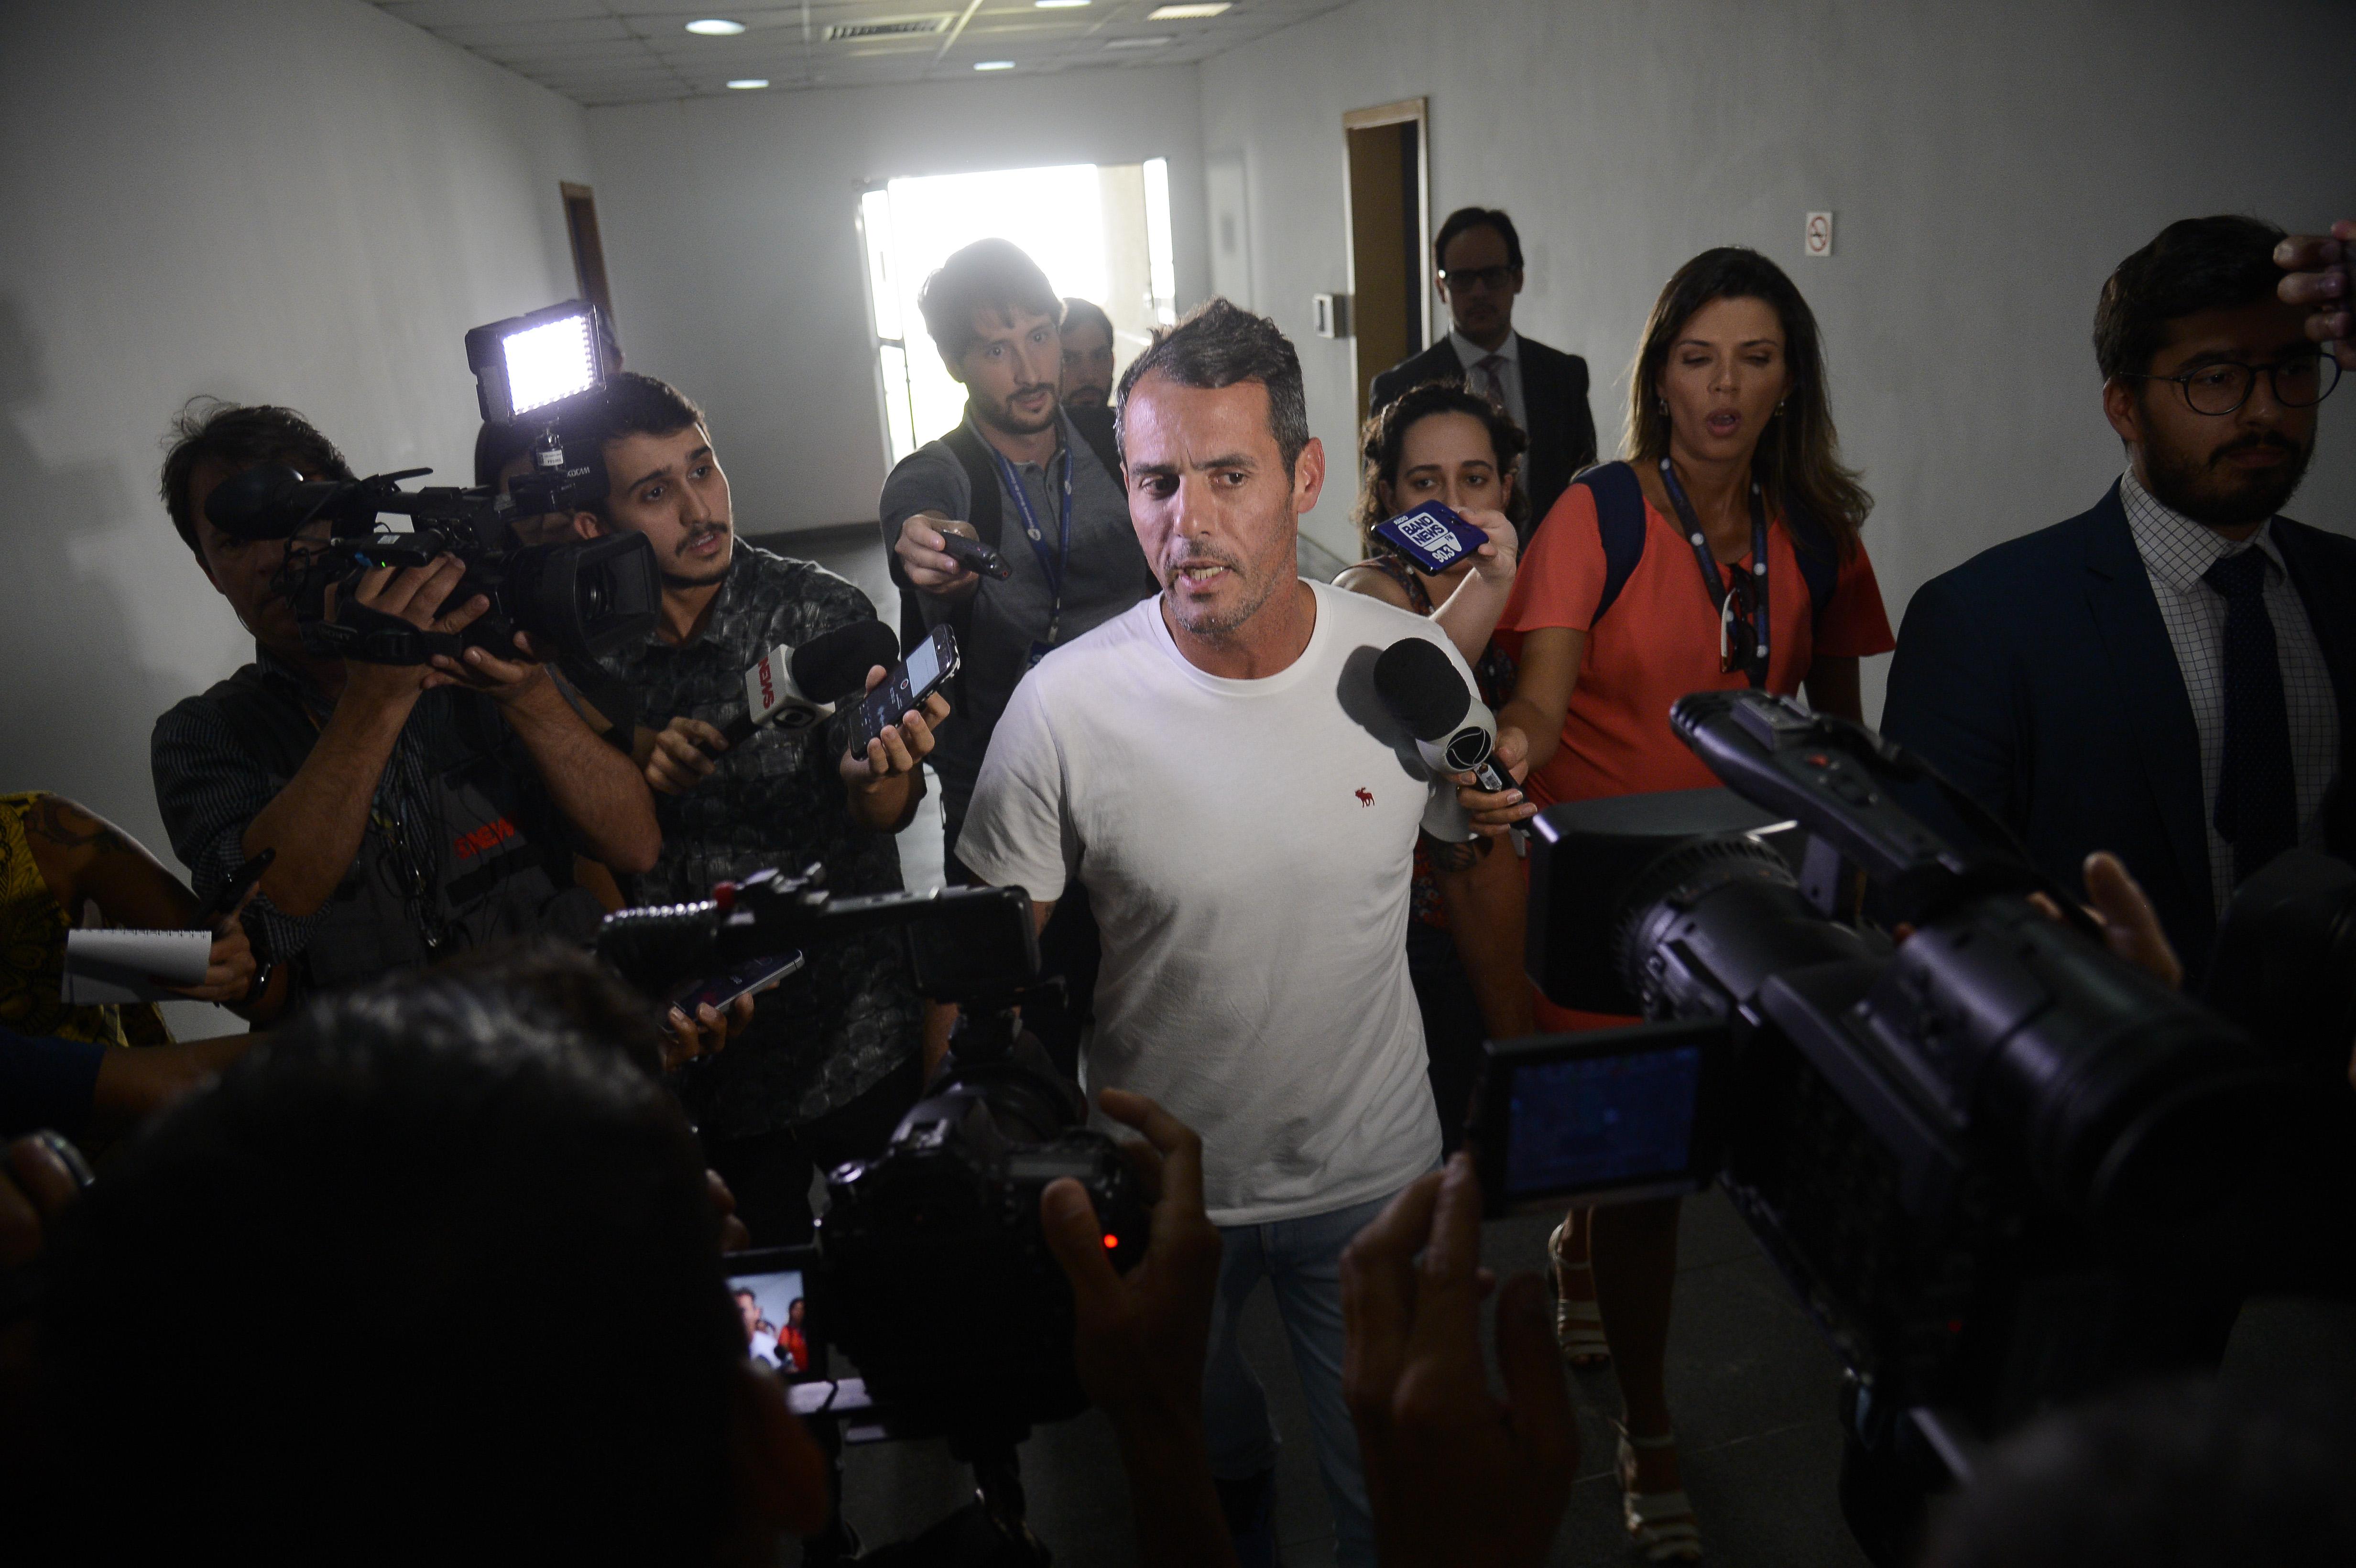 O vereador Marcello Siciliano (PHS) fala à imprensa após prestar depoimento na Cidade da Polícia, no Jacarezinho, zona norte da capital fluminense.